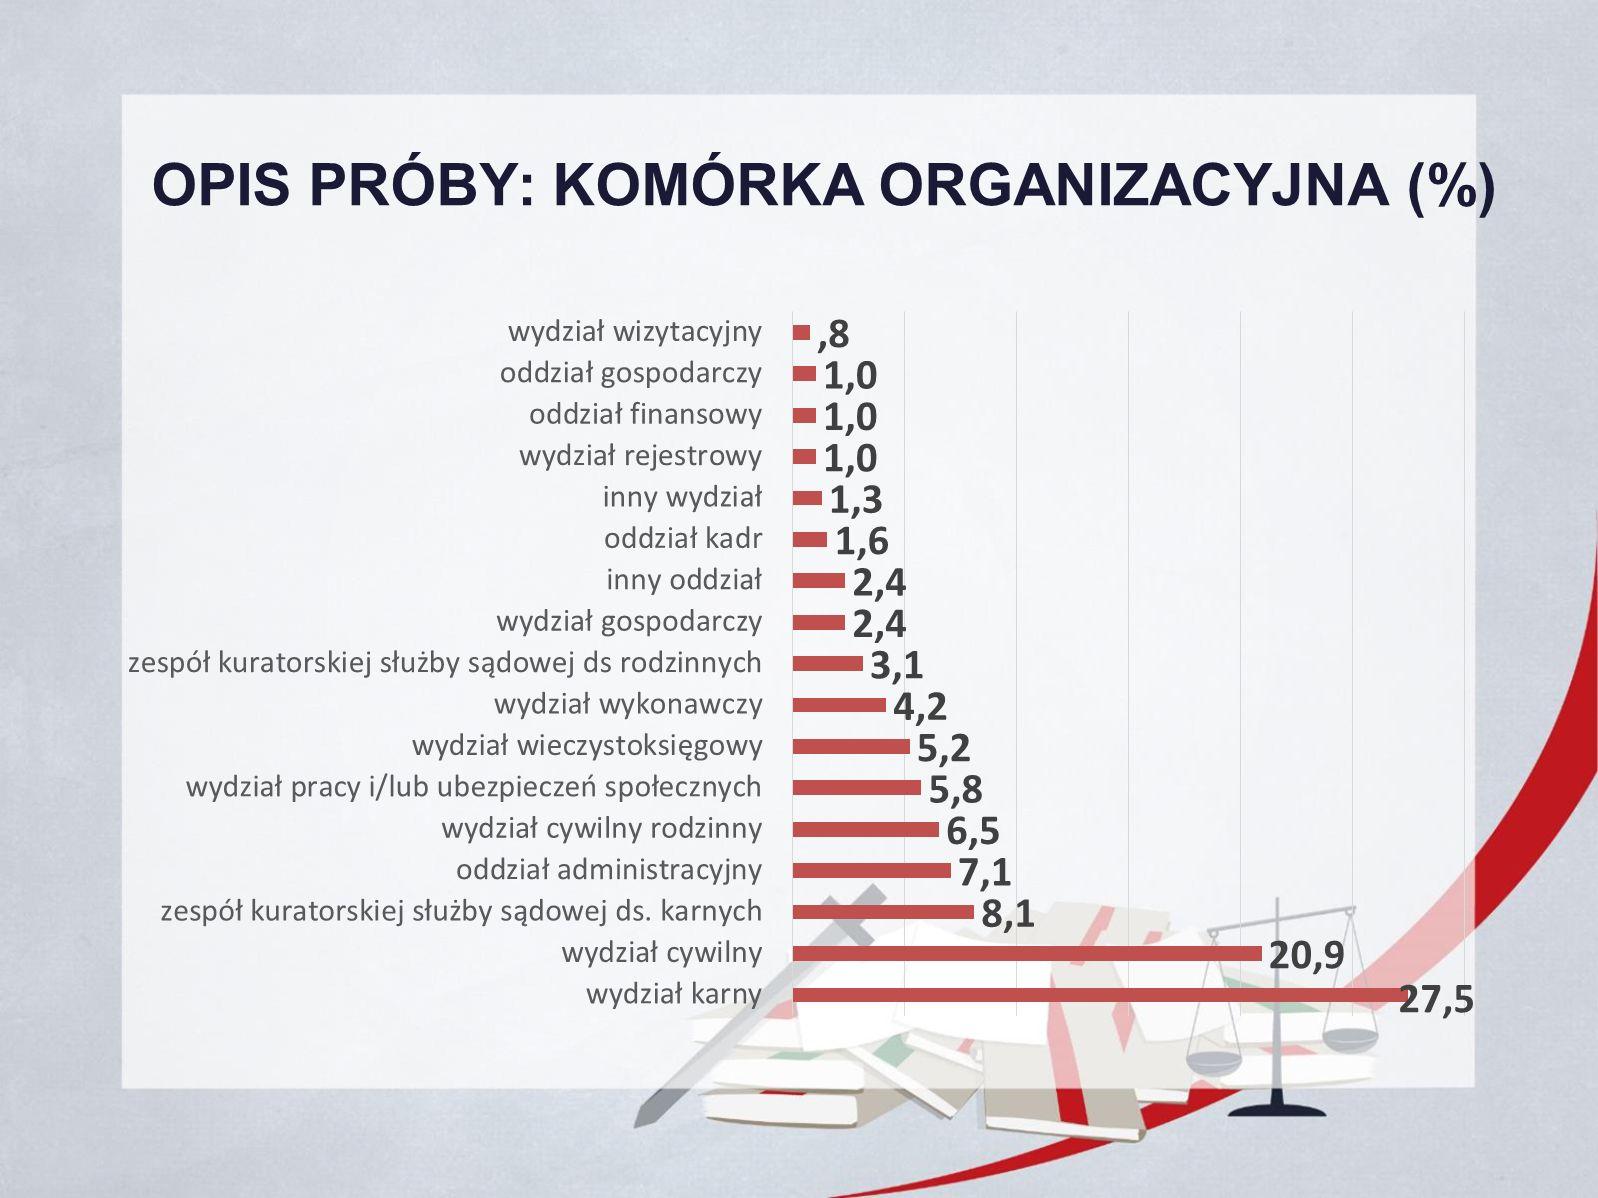 OPIS PRÓBY: KOMÓRKA ORGANIZACYJNA (%)